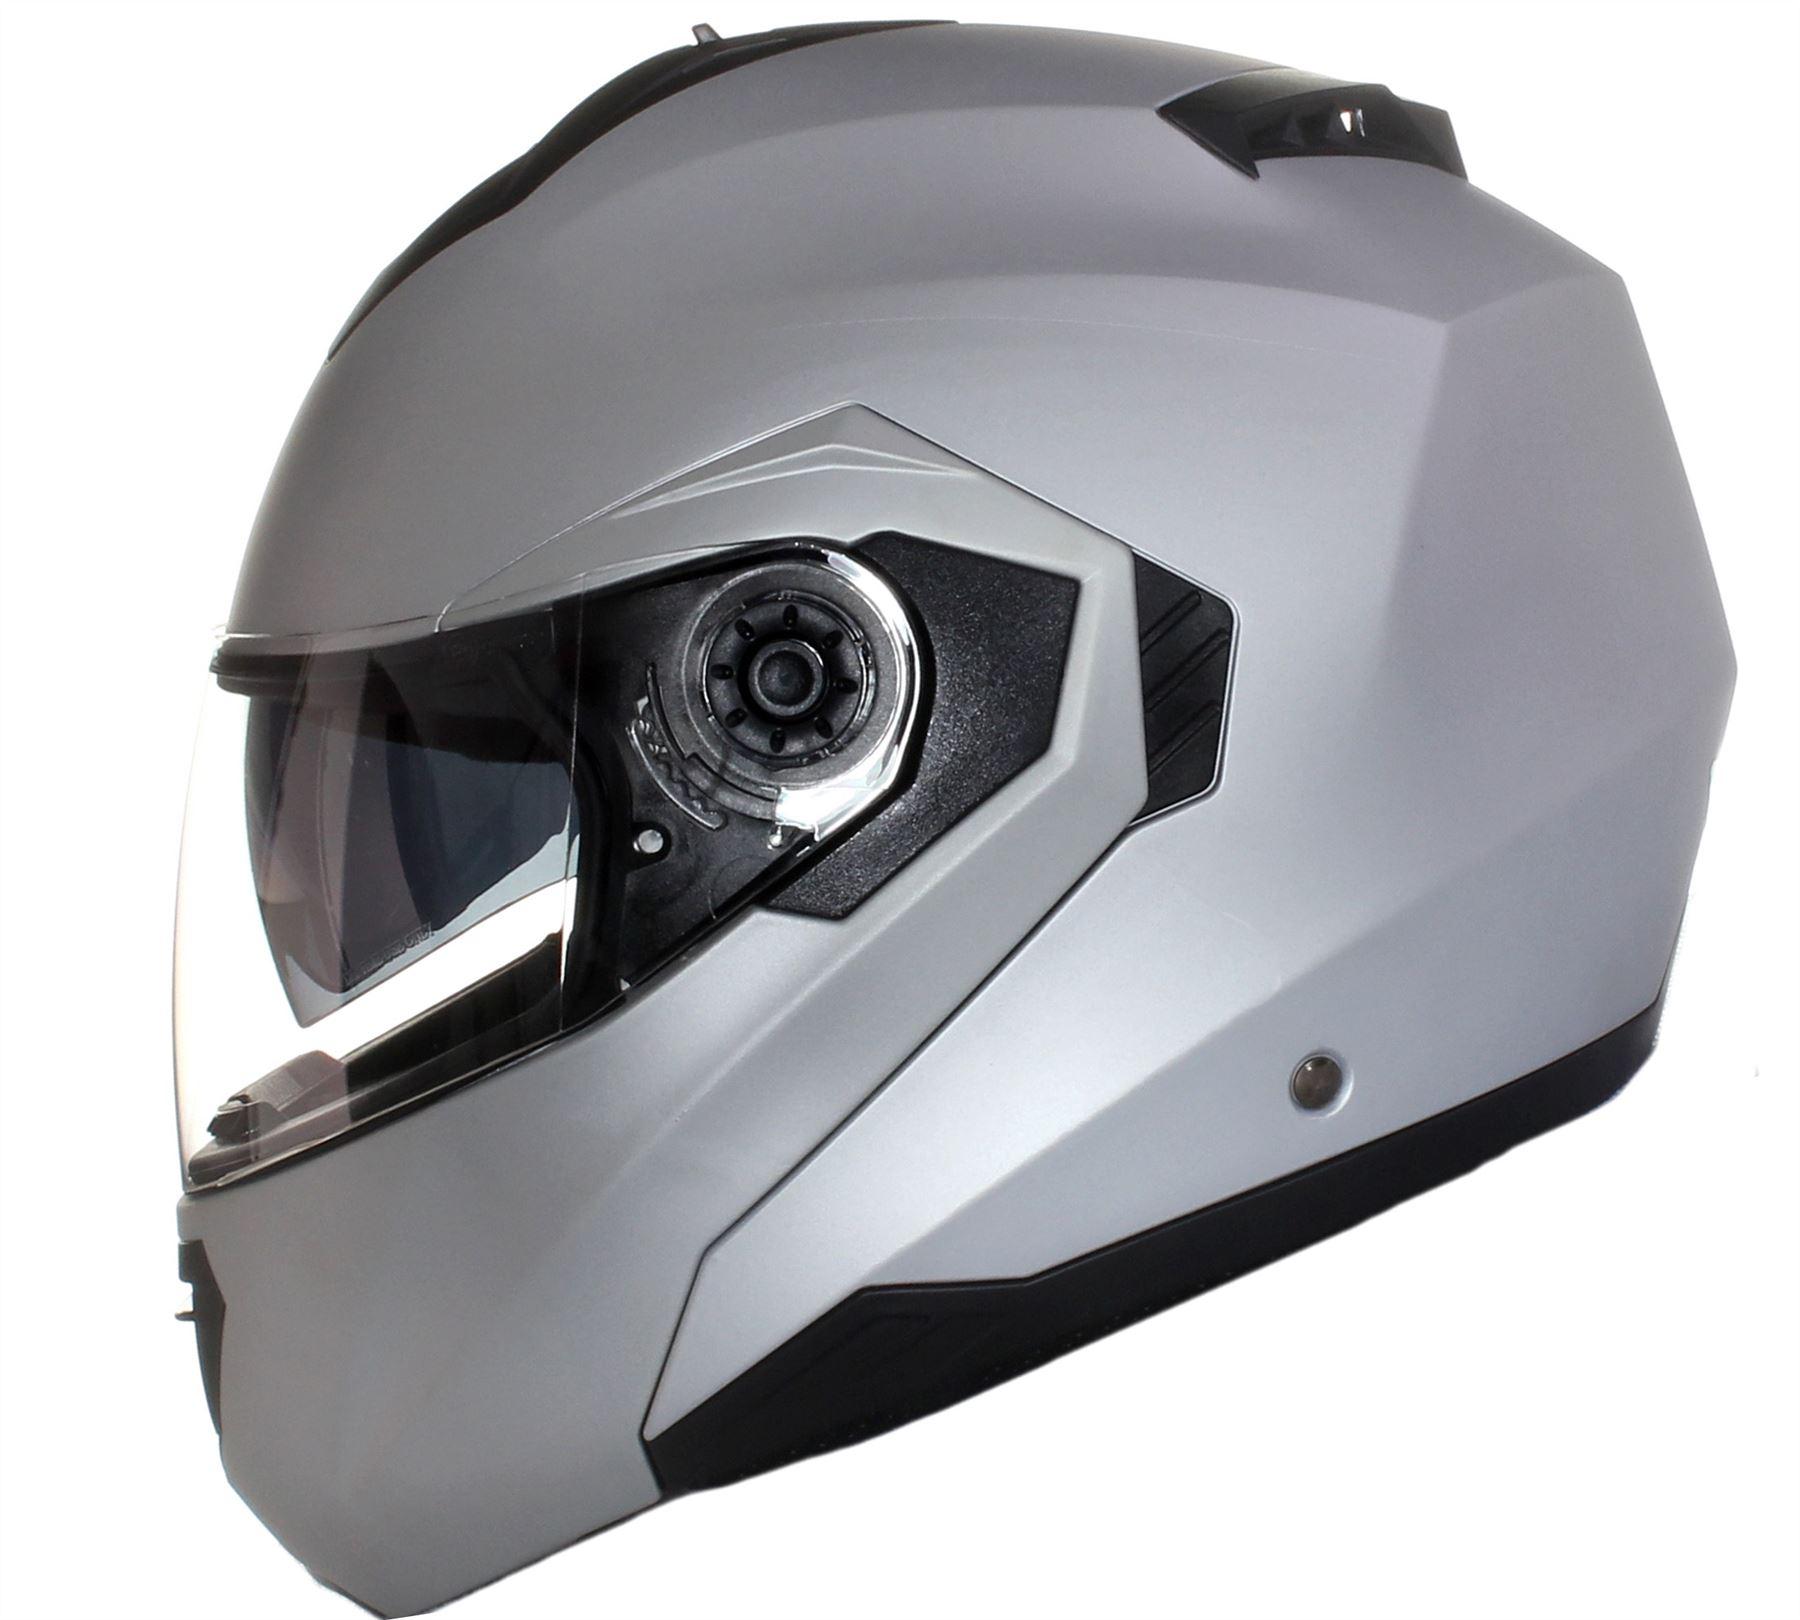 CASQUE-Moto-Modulable-avec-Double-Visiere-Teintee-Scooter-PARE-SOLEIL-Noir